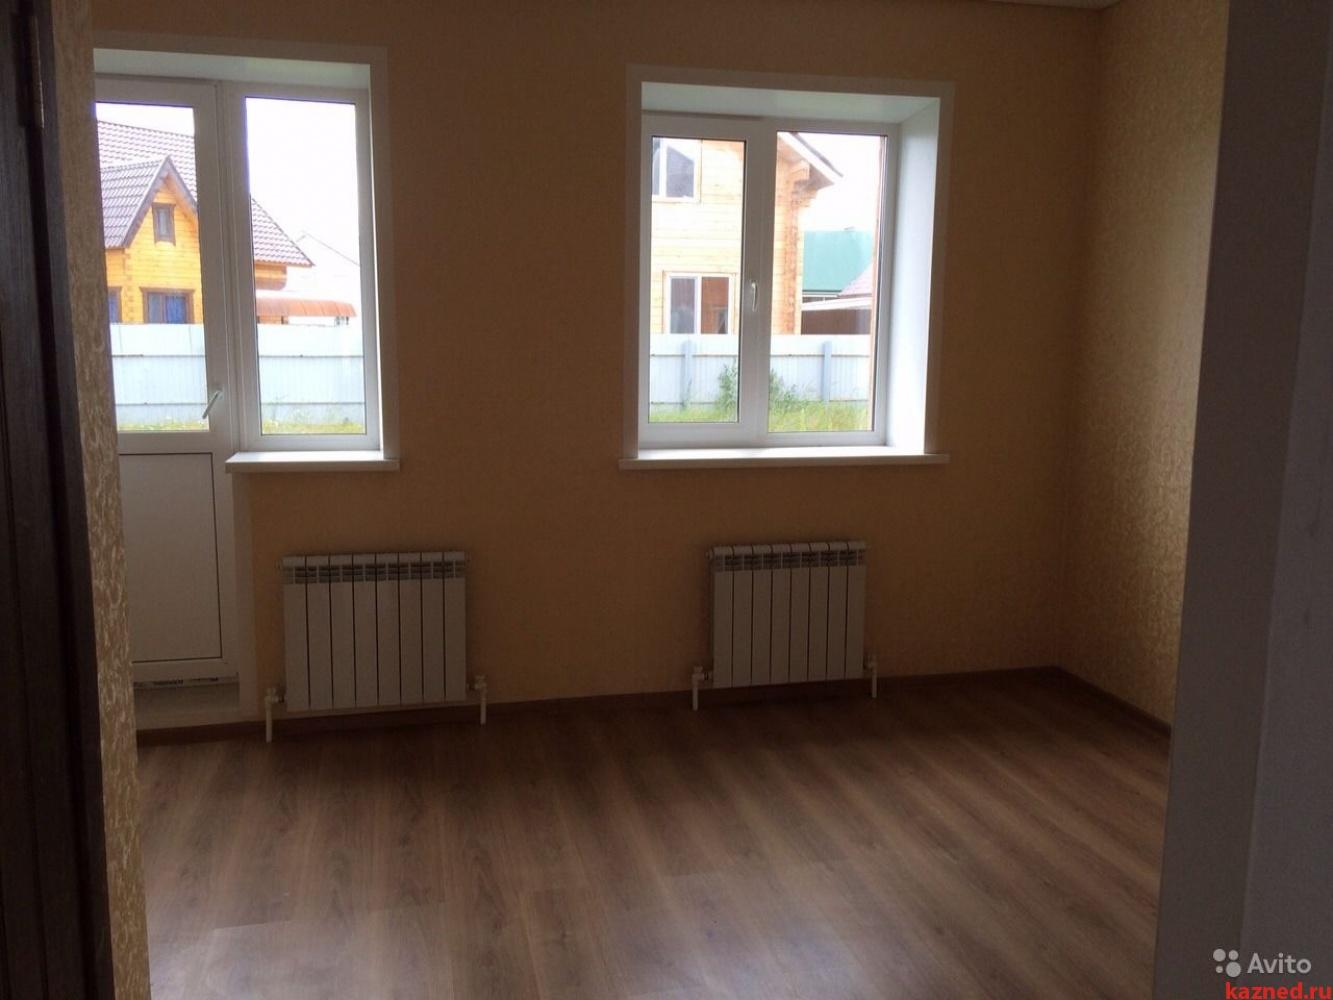 Продажа дом Северный, Литвинова, 82 м2  (миниатюра №4)